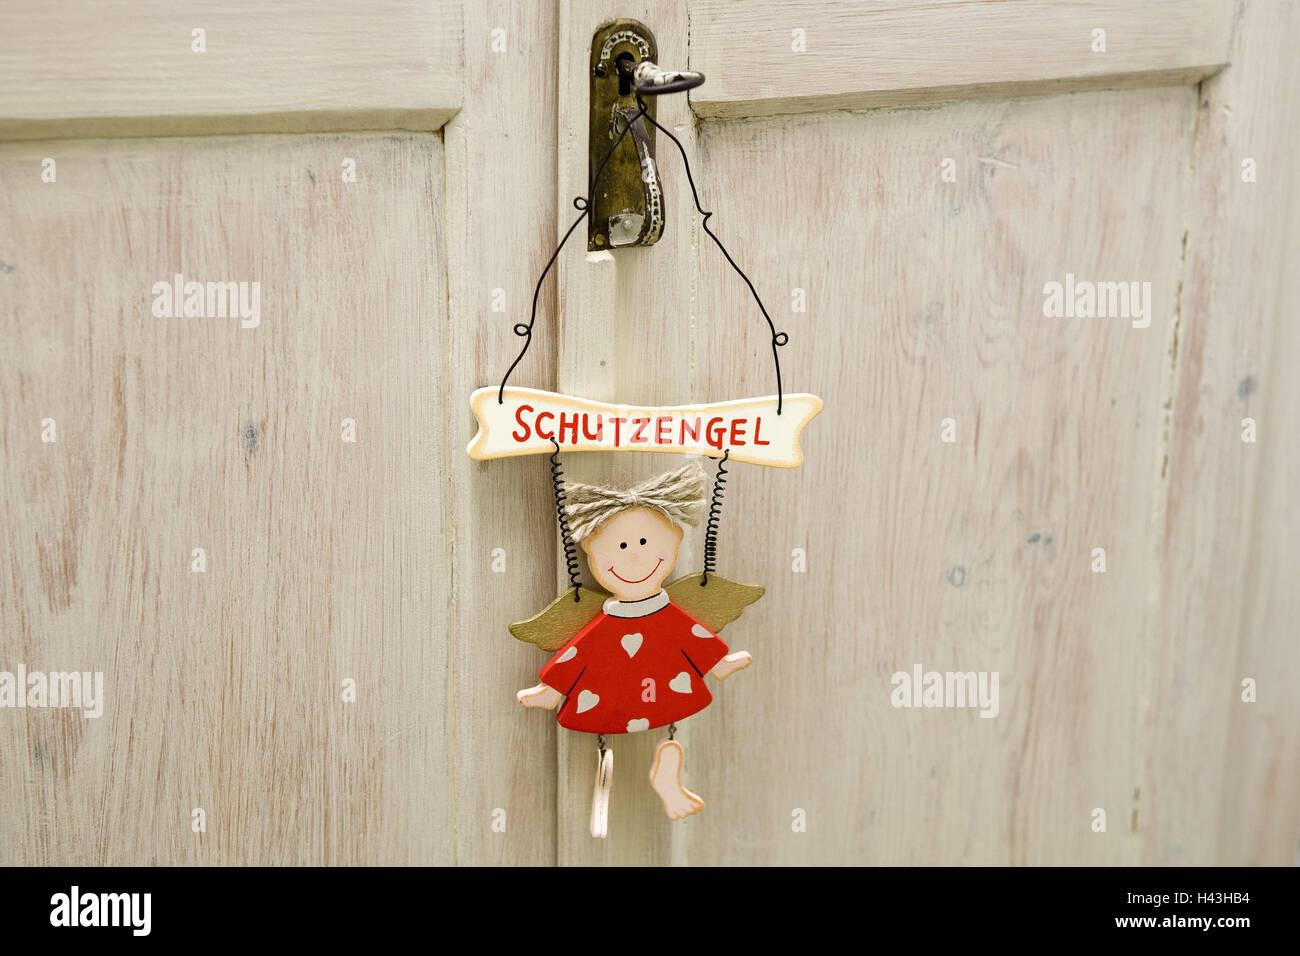 Credenza Con Serratura : Armadio in legno chiave angelo custode hang credenza